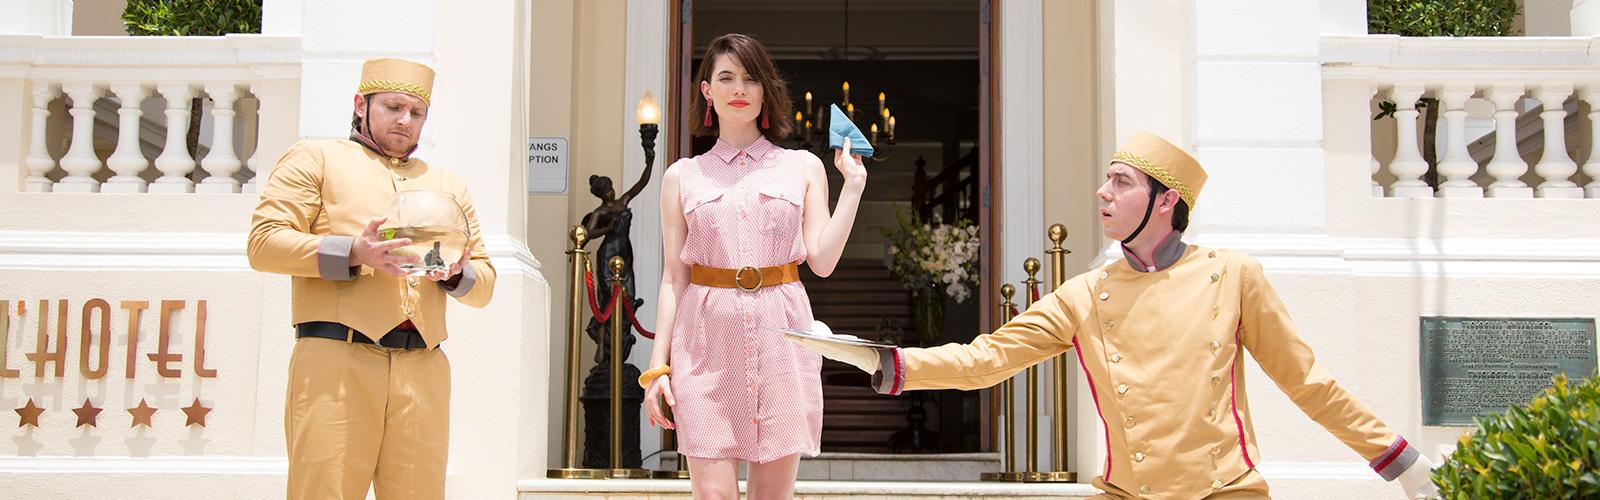 Frau zwischen zwei Hotelpagen, mit einer Serviette in der Hand.